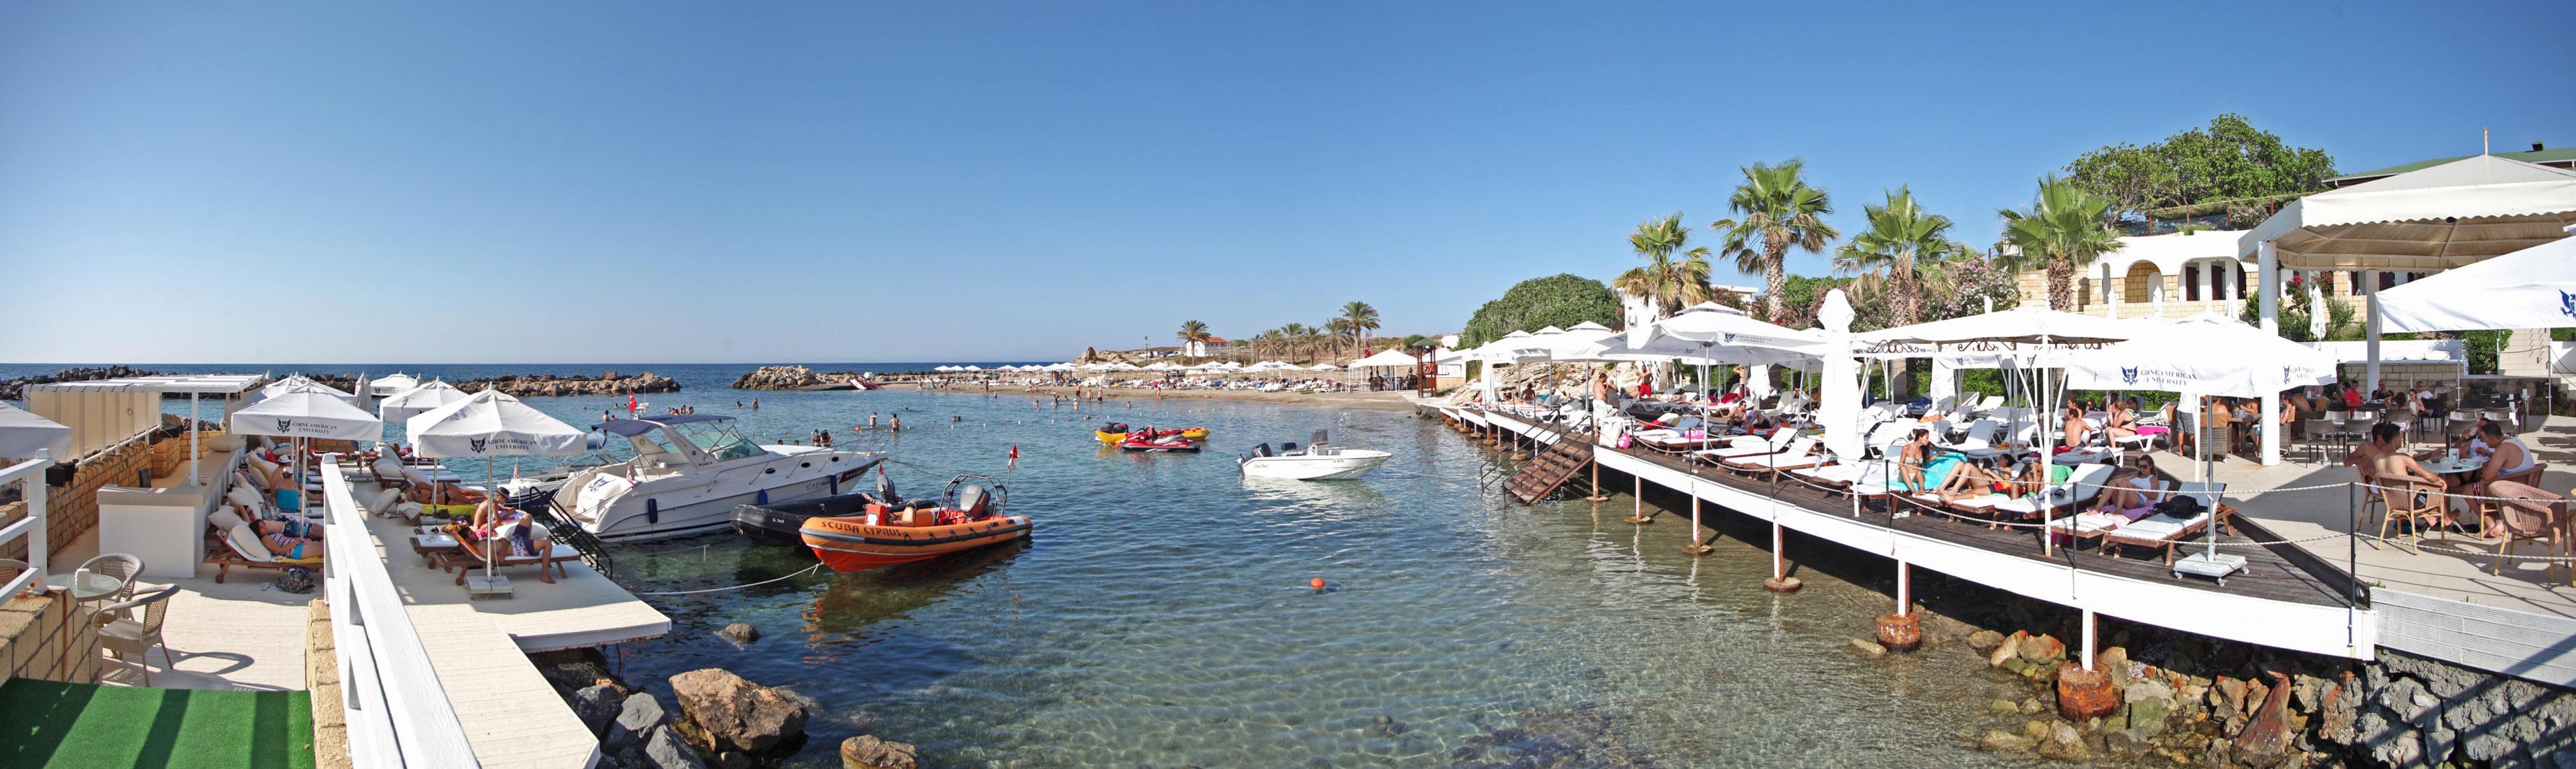 camelot-beach2.jpg